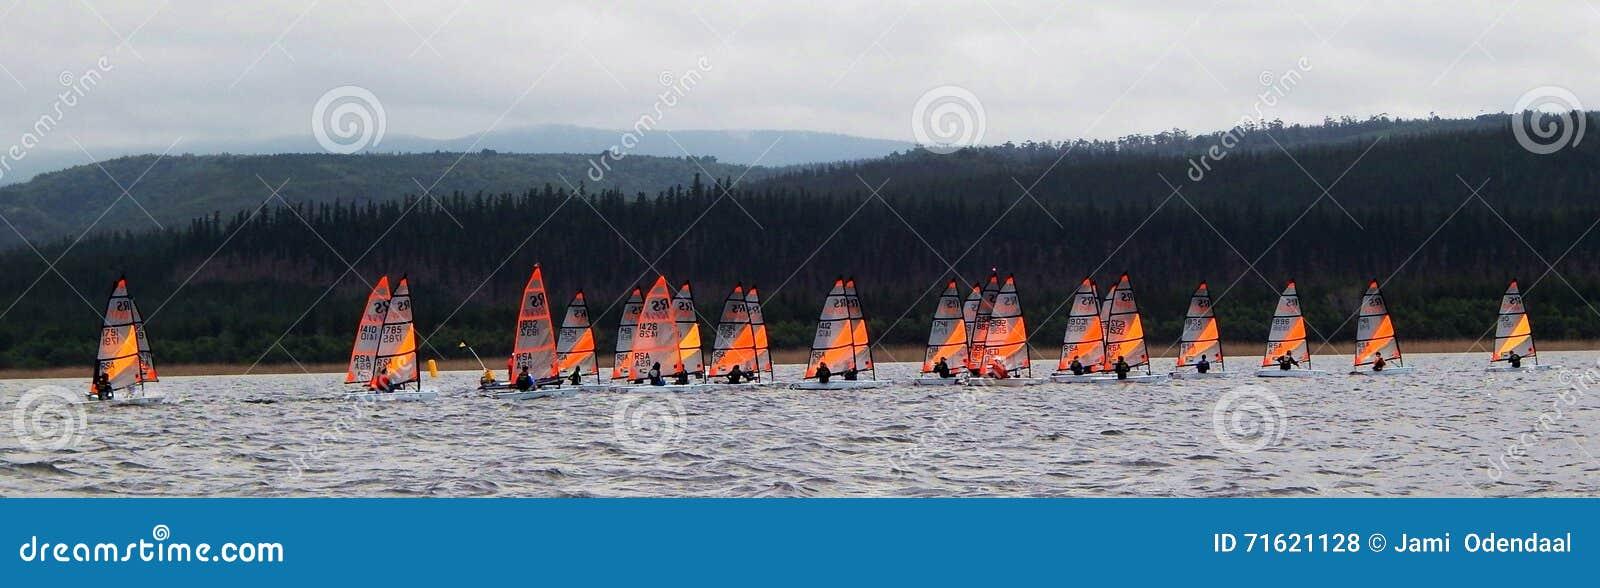 RS Tera World Sailing Championships 2015